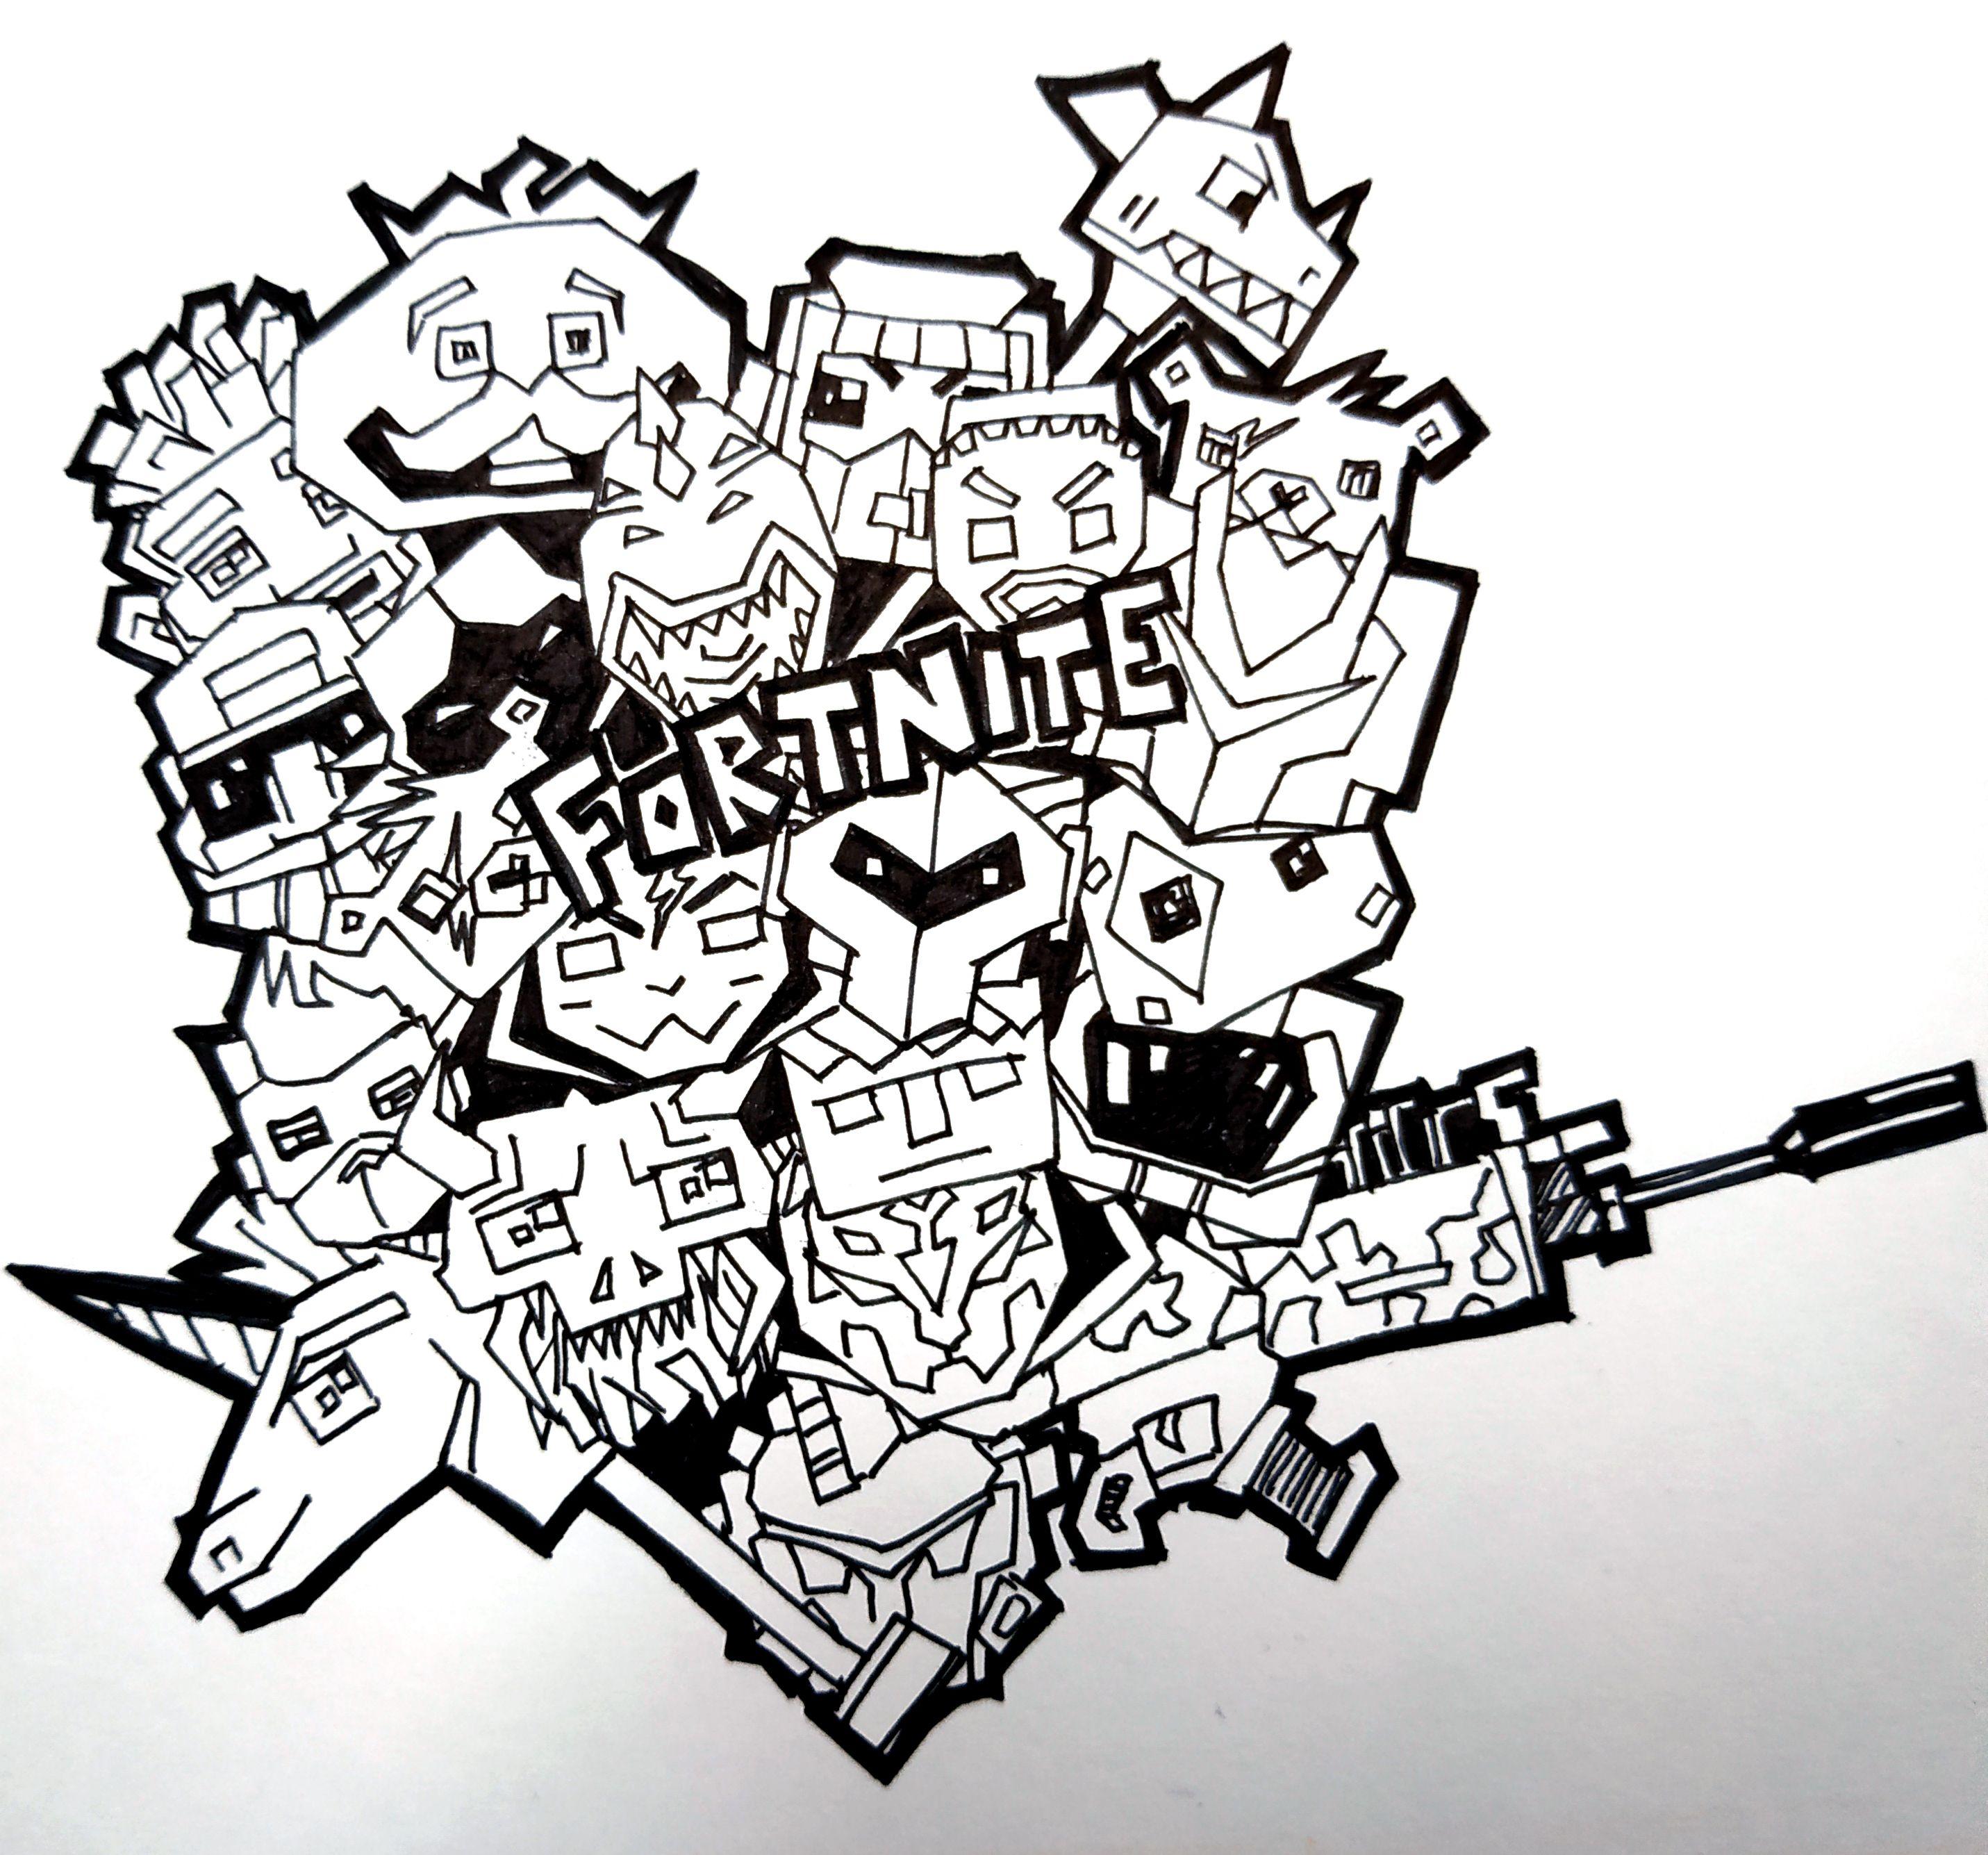 Fortnite Doodle Art Asmr Fortnite Doodleart Asmr Doodle Asmrdrawing Coloriage A Colorier Coloriage Gribouillages Artistiques